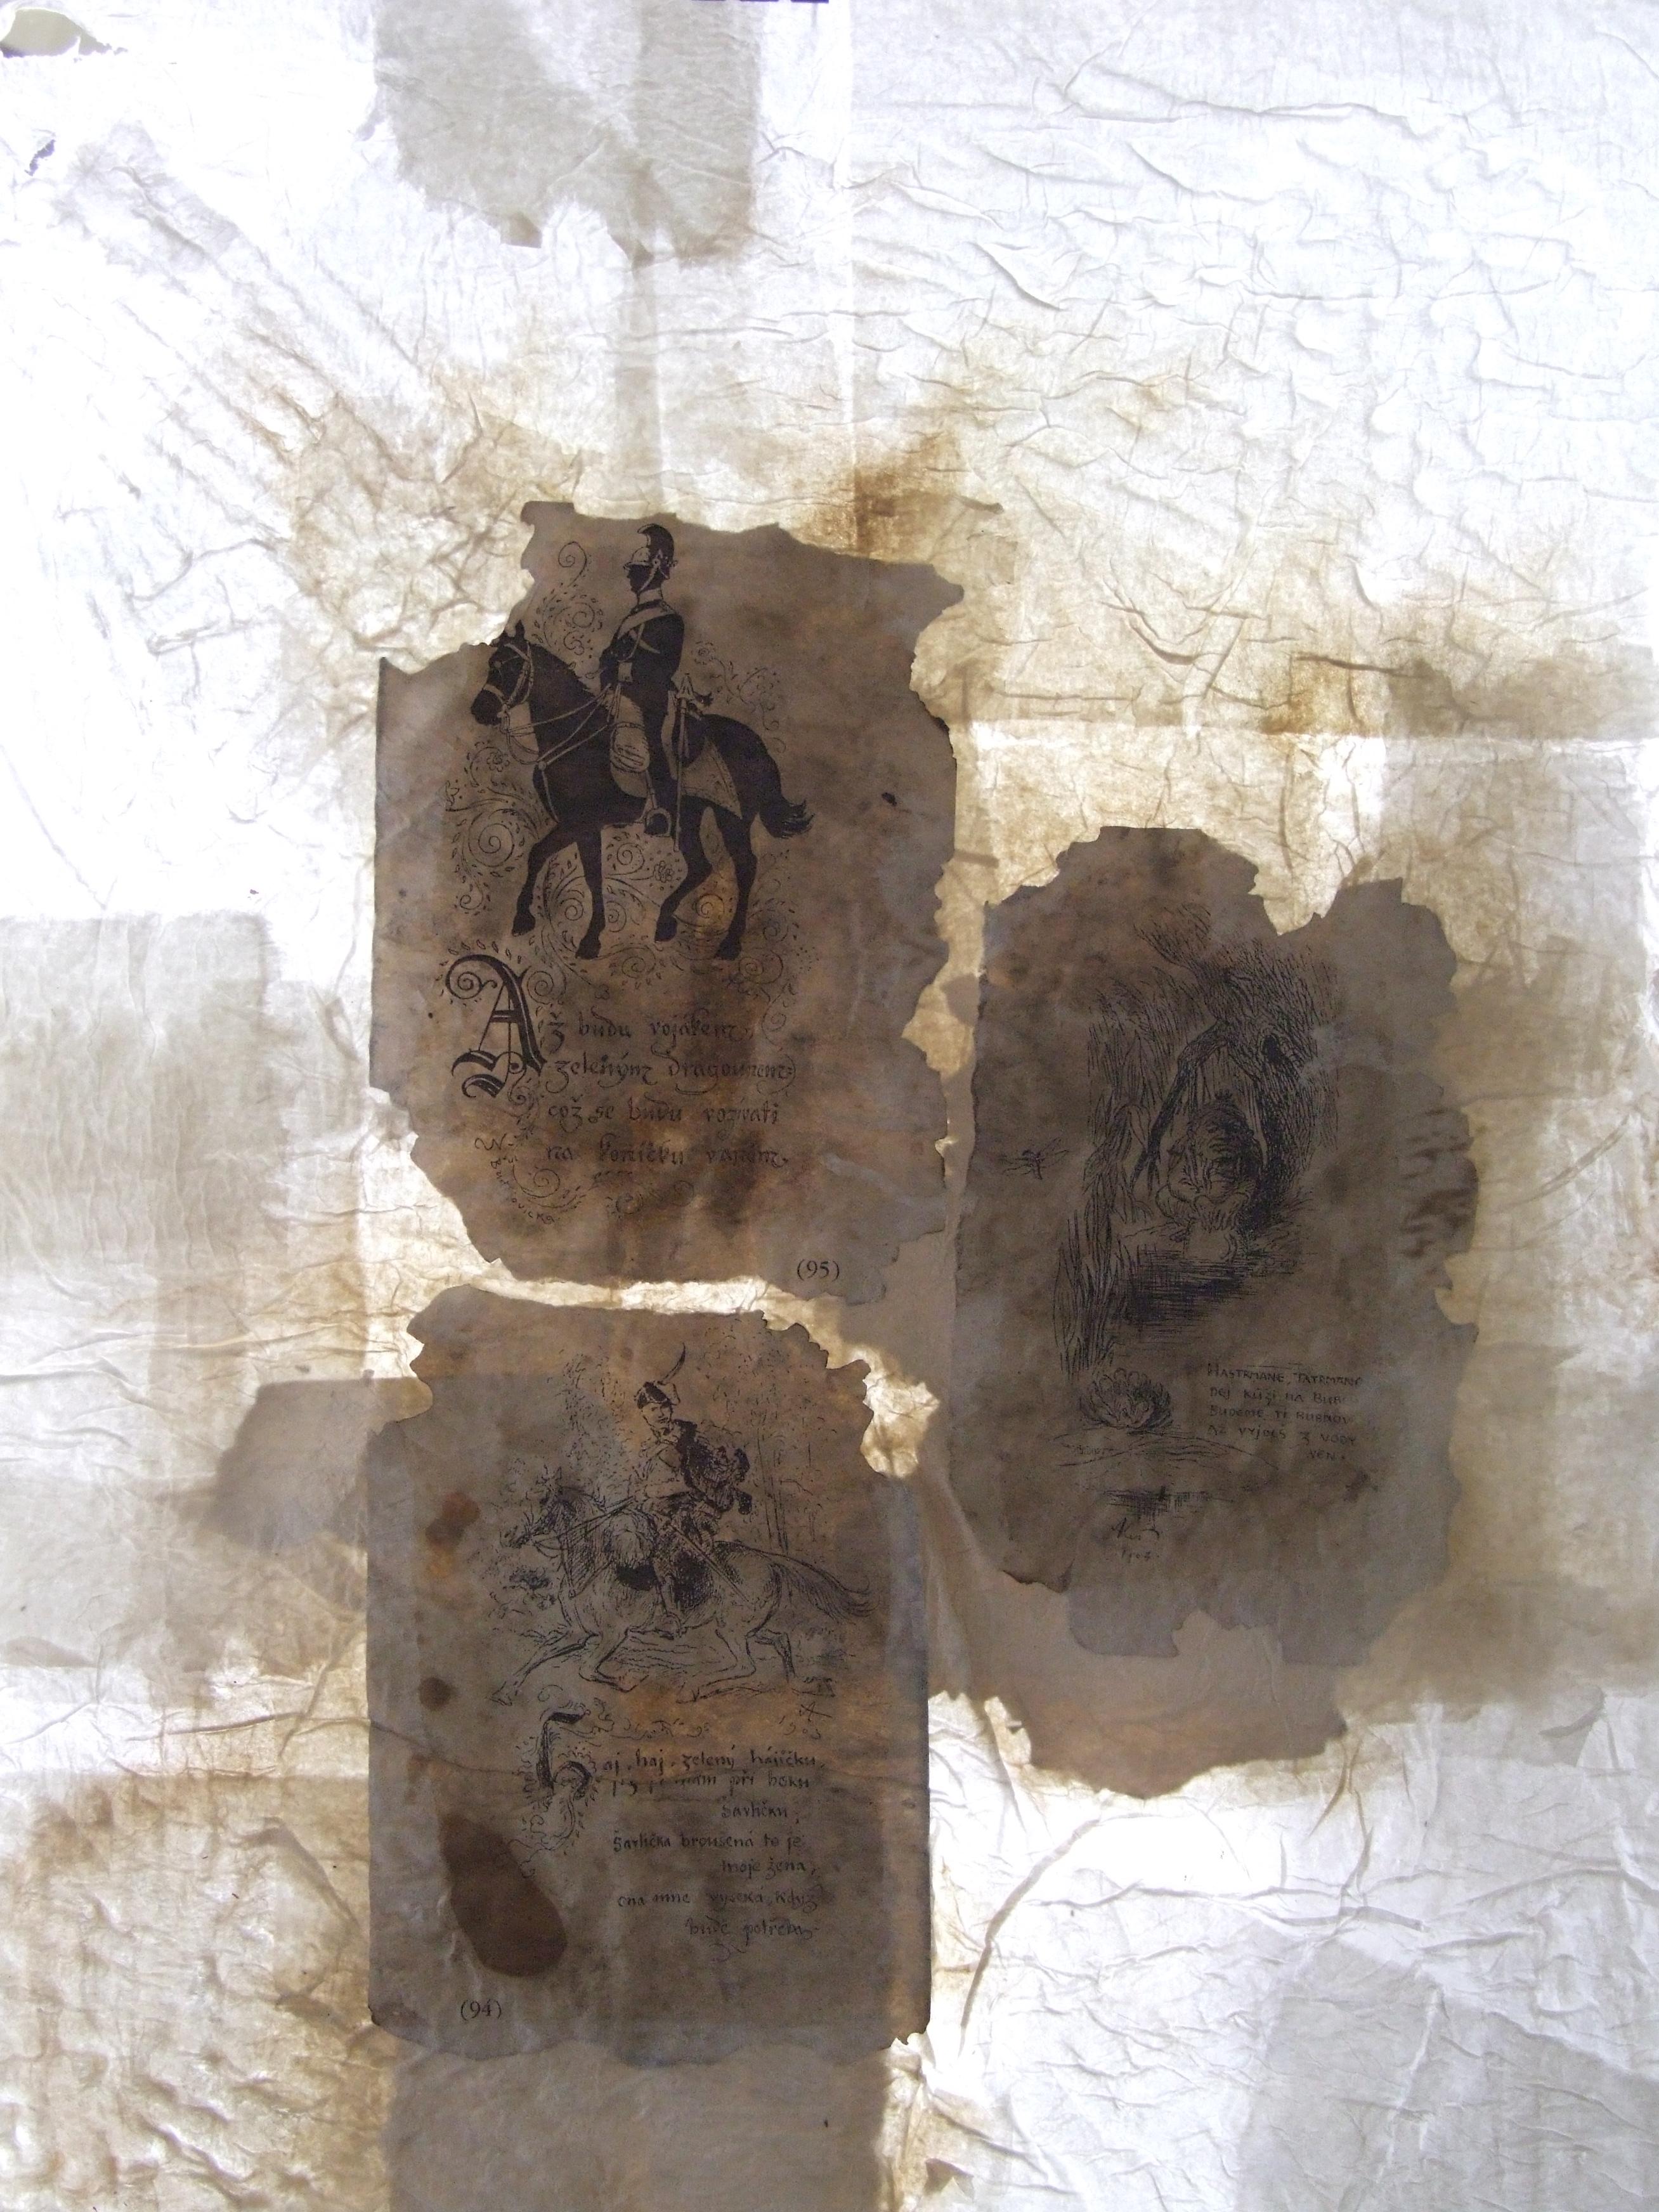 Triptych Dopis nevinnému (na motivy ze života faráře Toufara), papír, koláž, slepotisk, 2016/2017